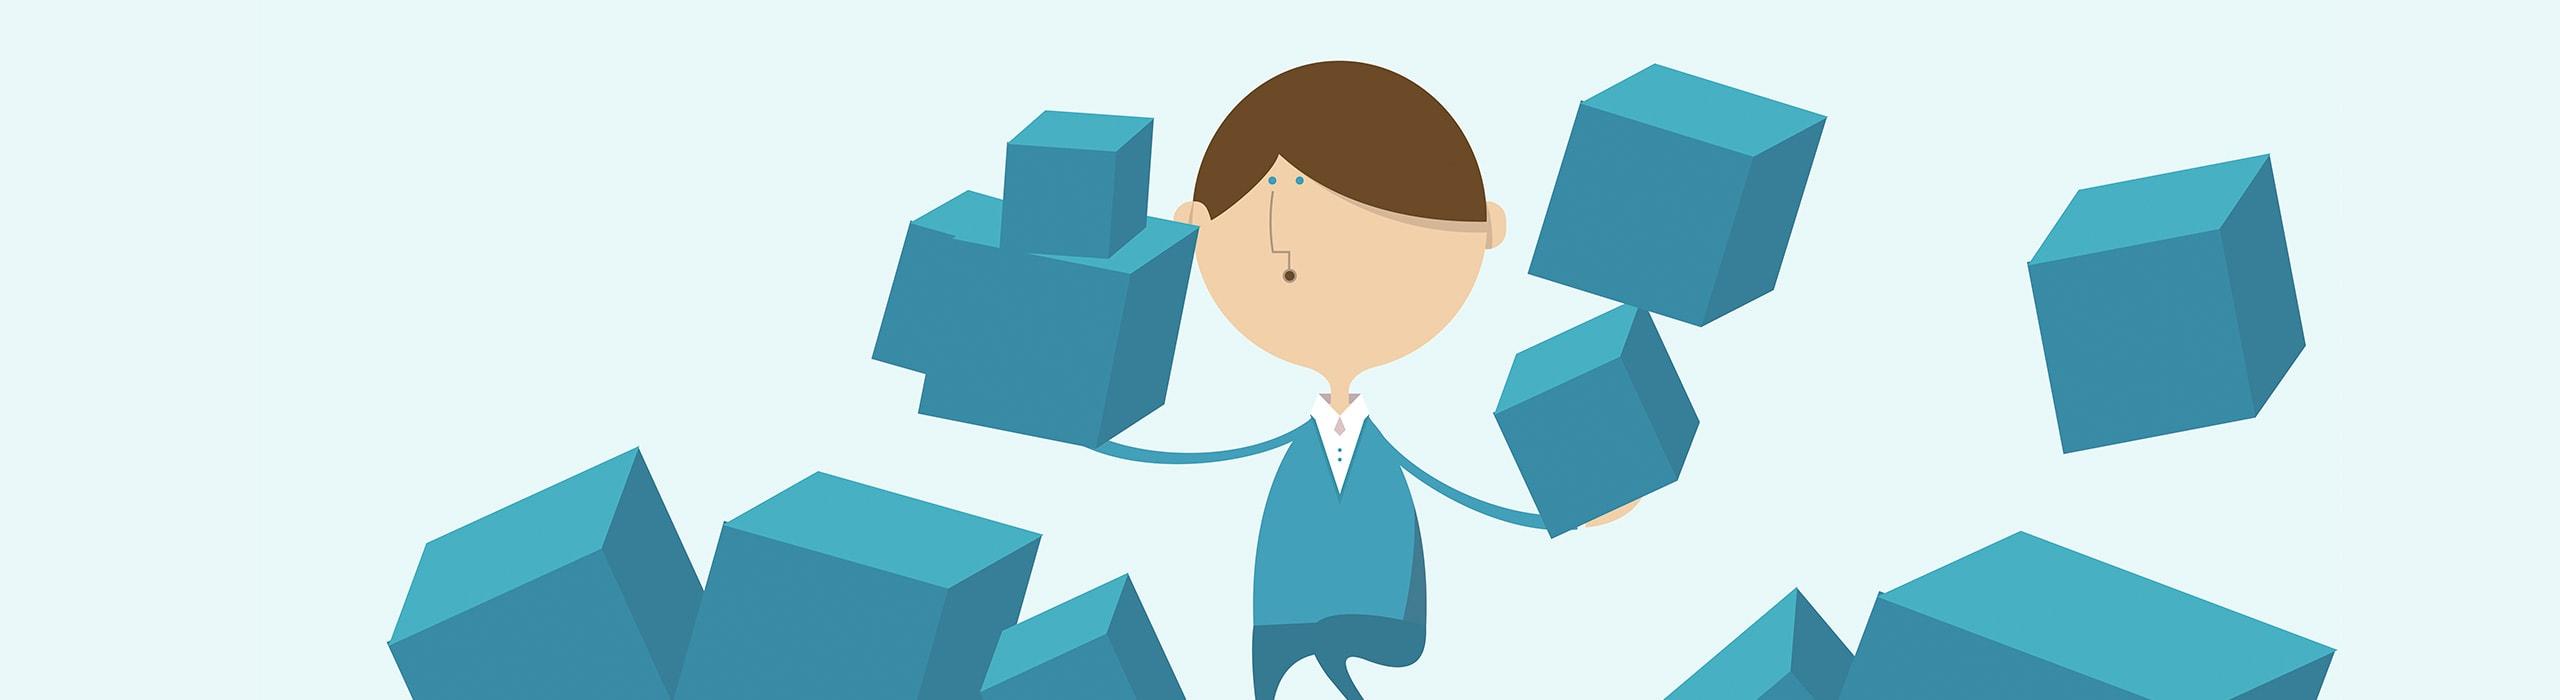 Smartpack - natie-smartpack-logotype-animation-01 - Natie Branding Agency